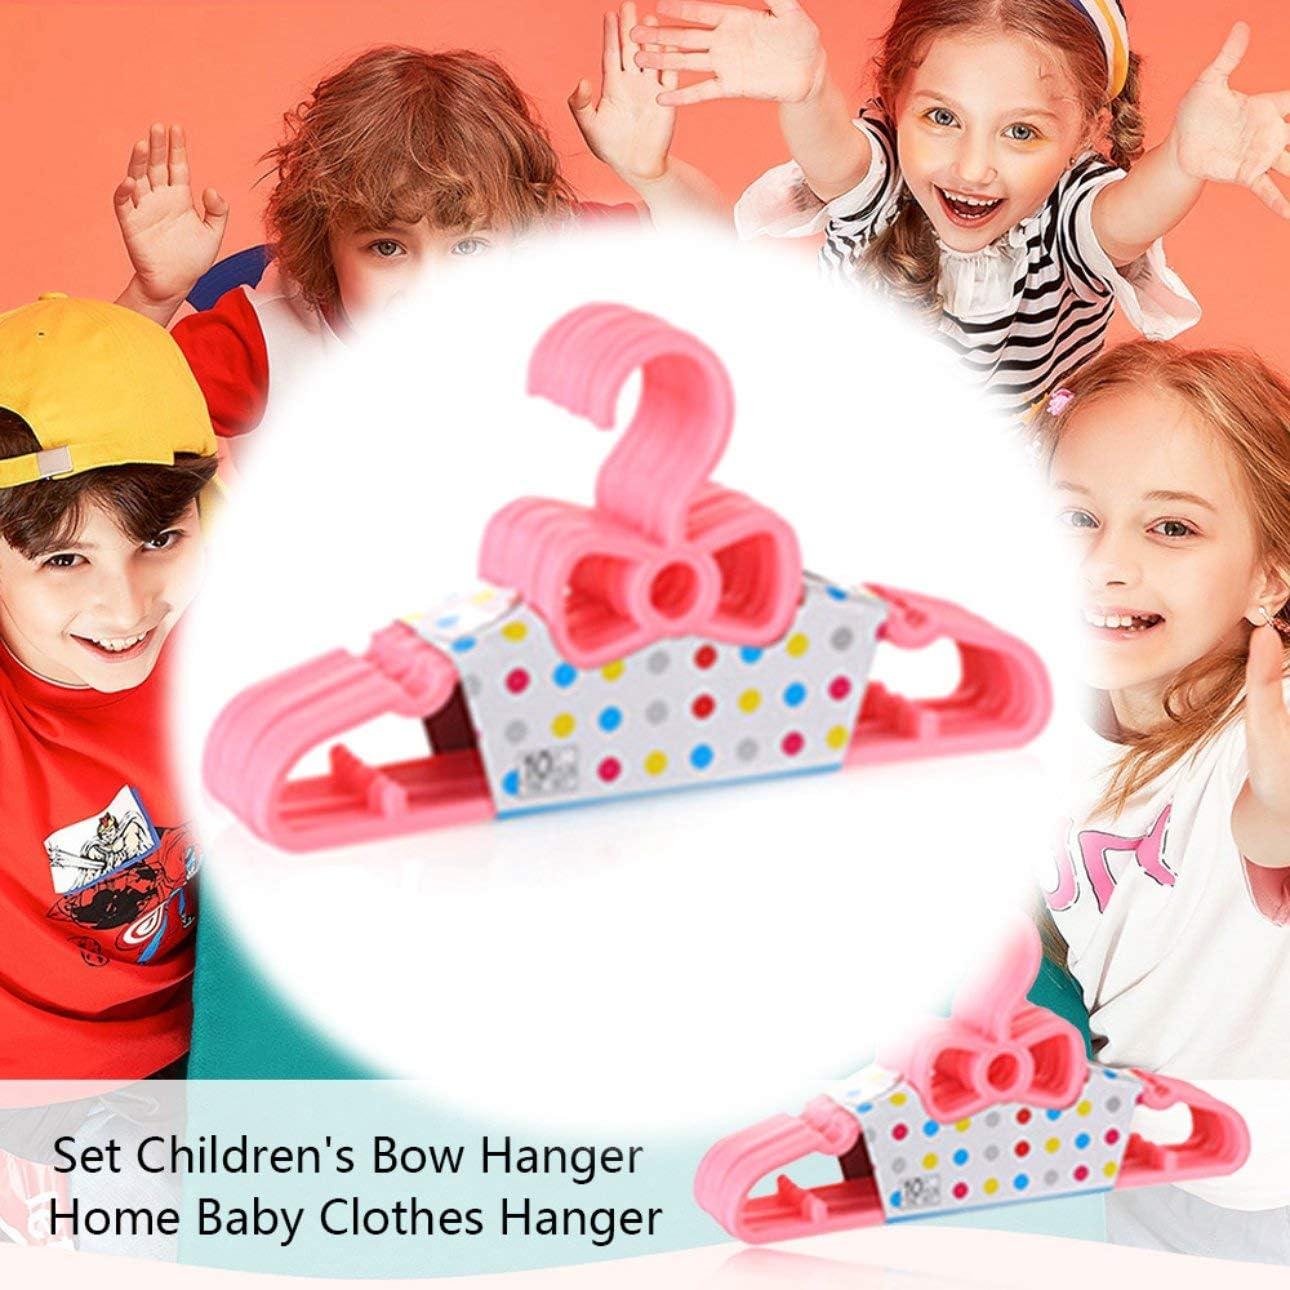 Ballylelly 10 St/ück Set Kinder Bogen Kleiderb/ügel Home Baby Kleiderb/ügel